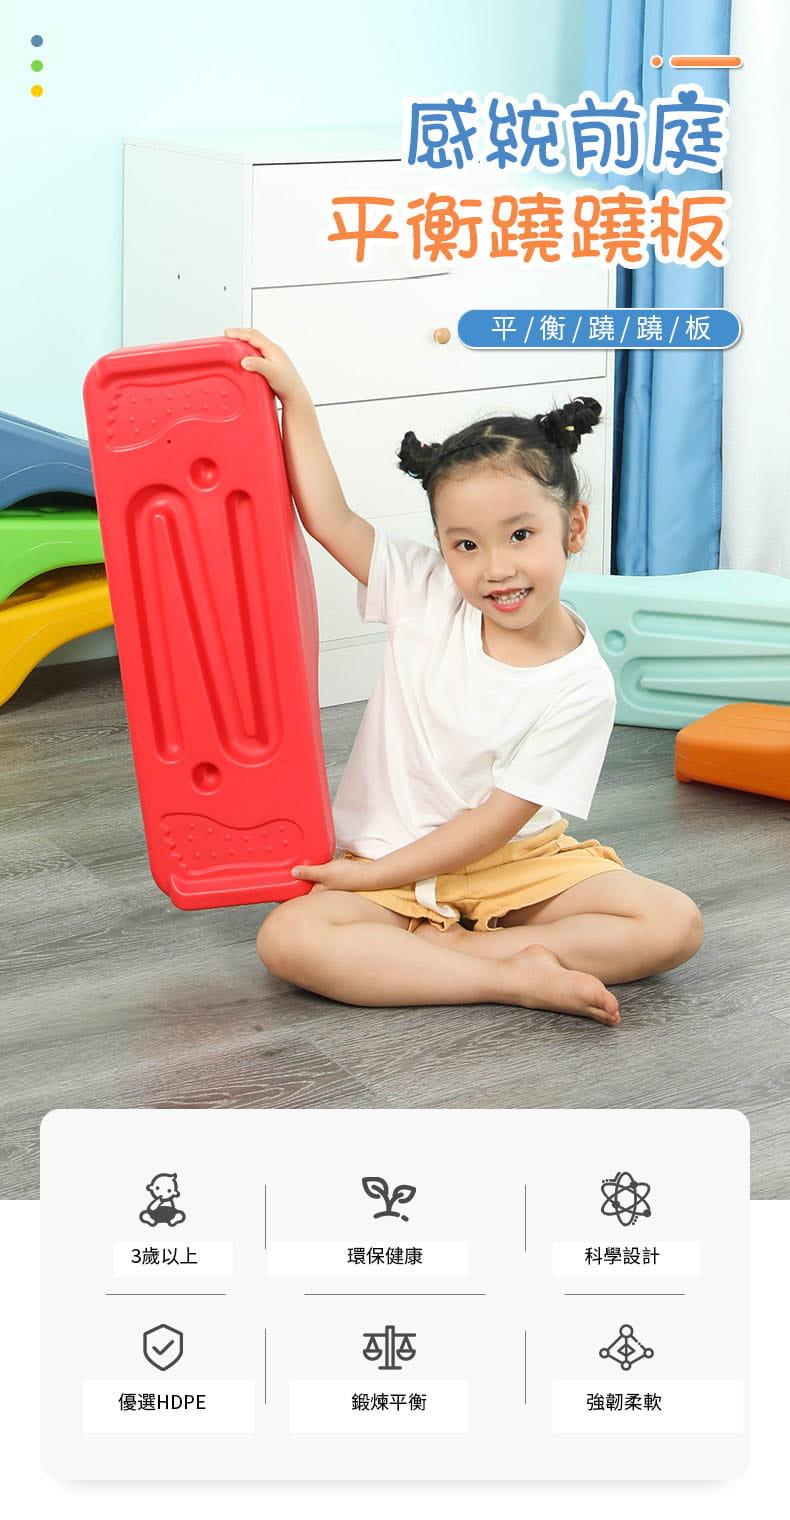 兒童平衡板家用幼兒園運動前庭玩具8字形平衡翹翹板 10